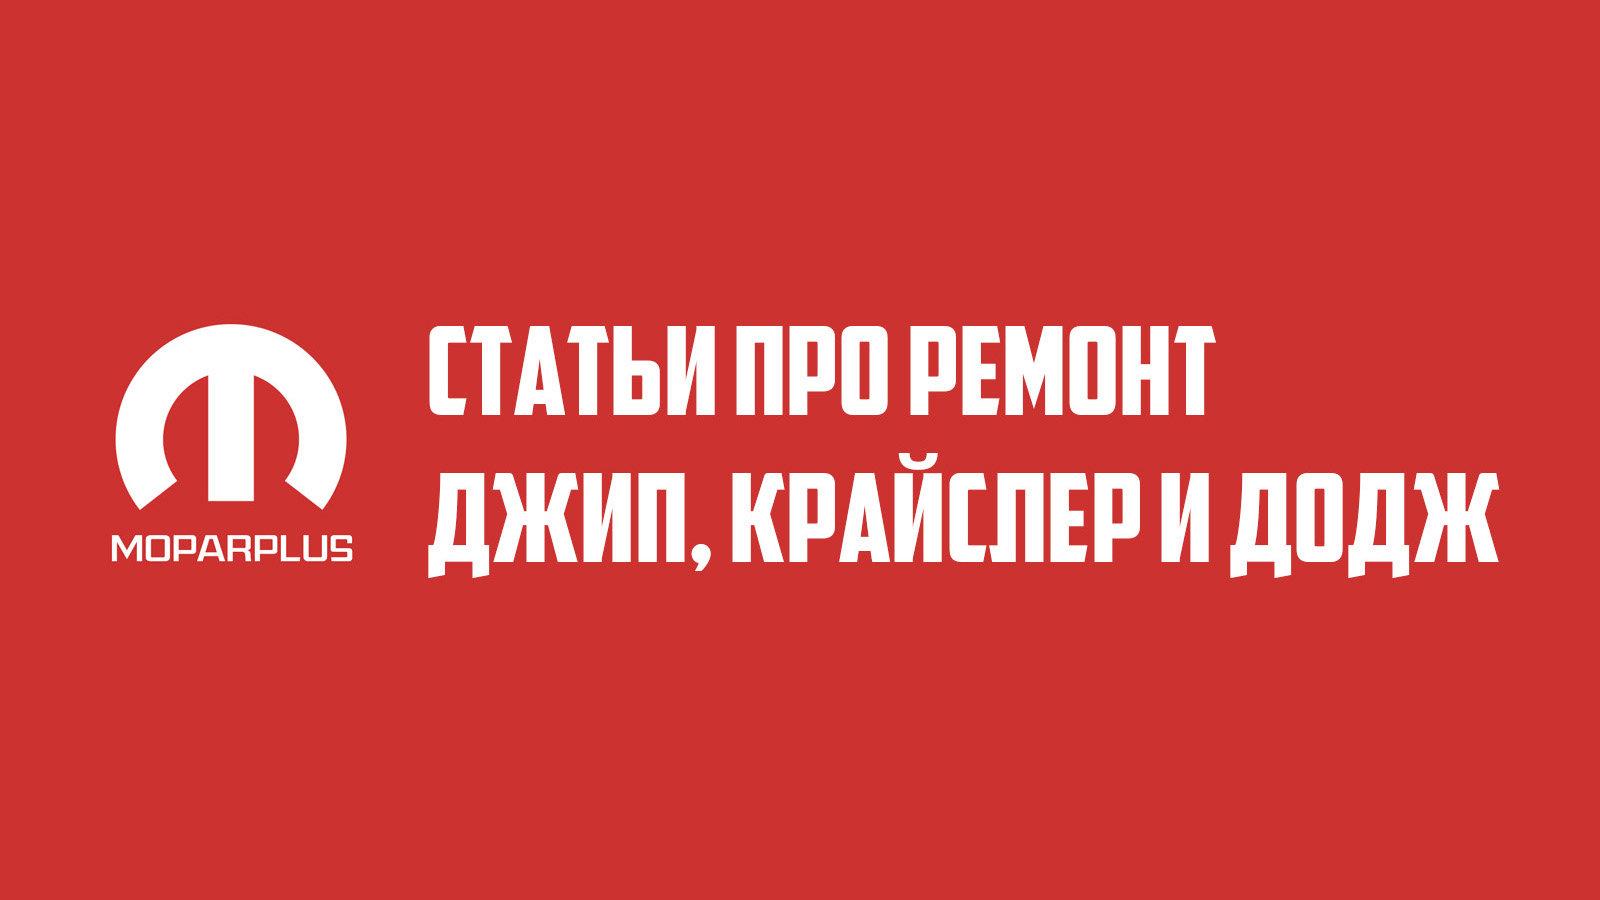 Статьи про ремонт. Выпуск №8.